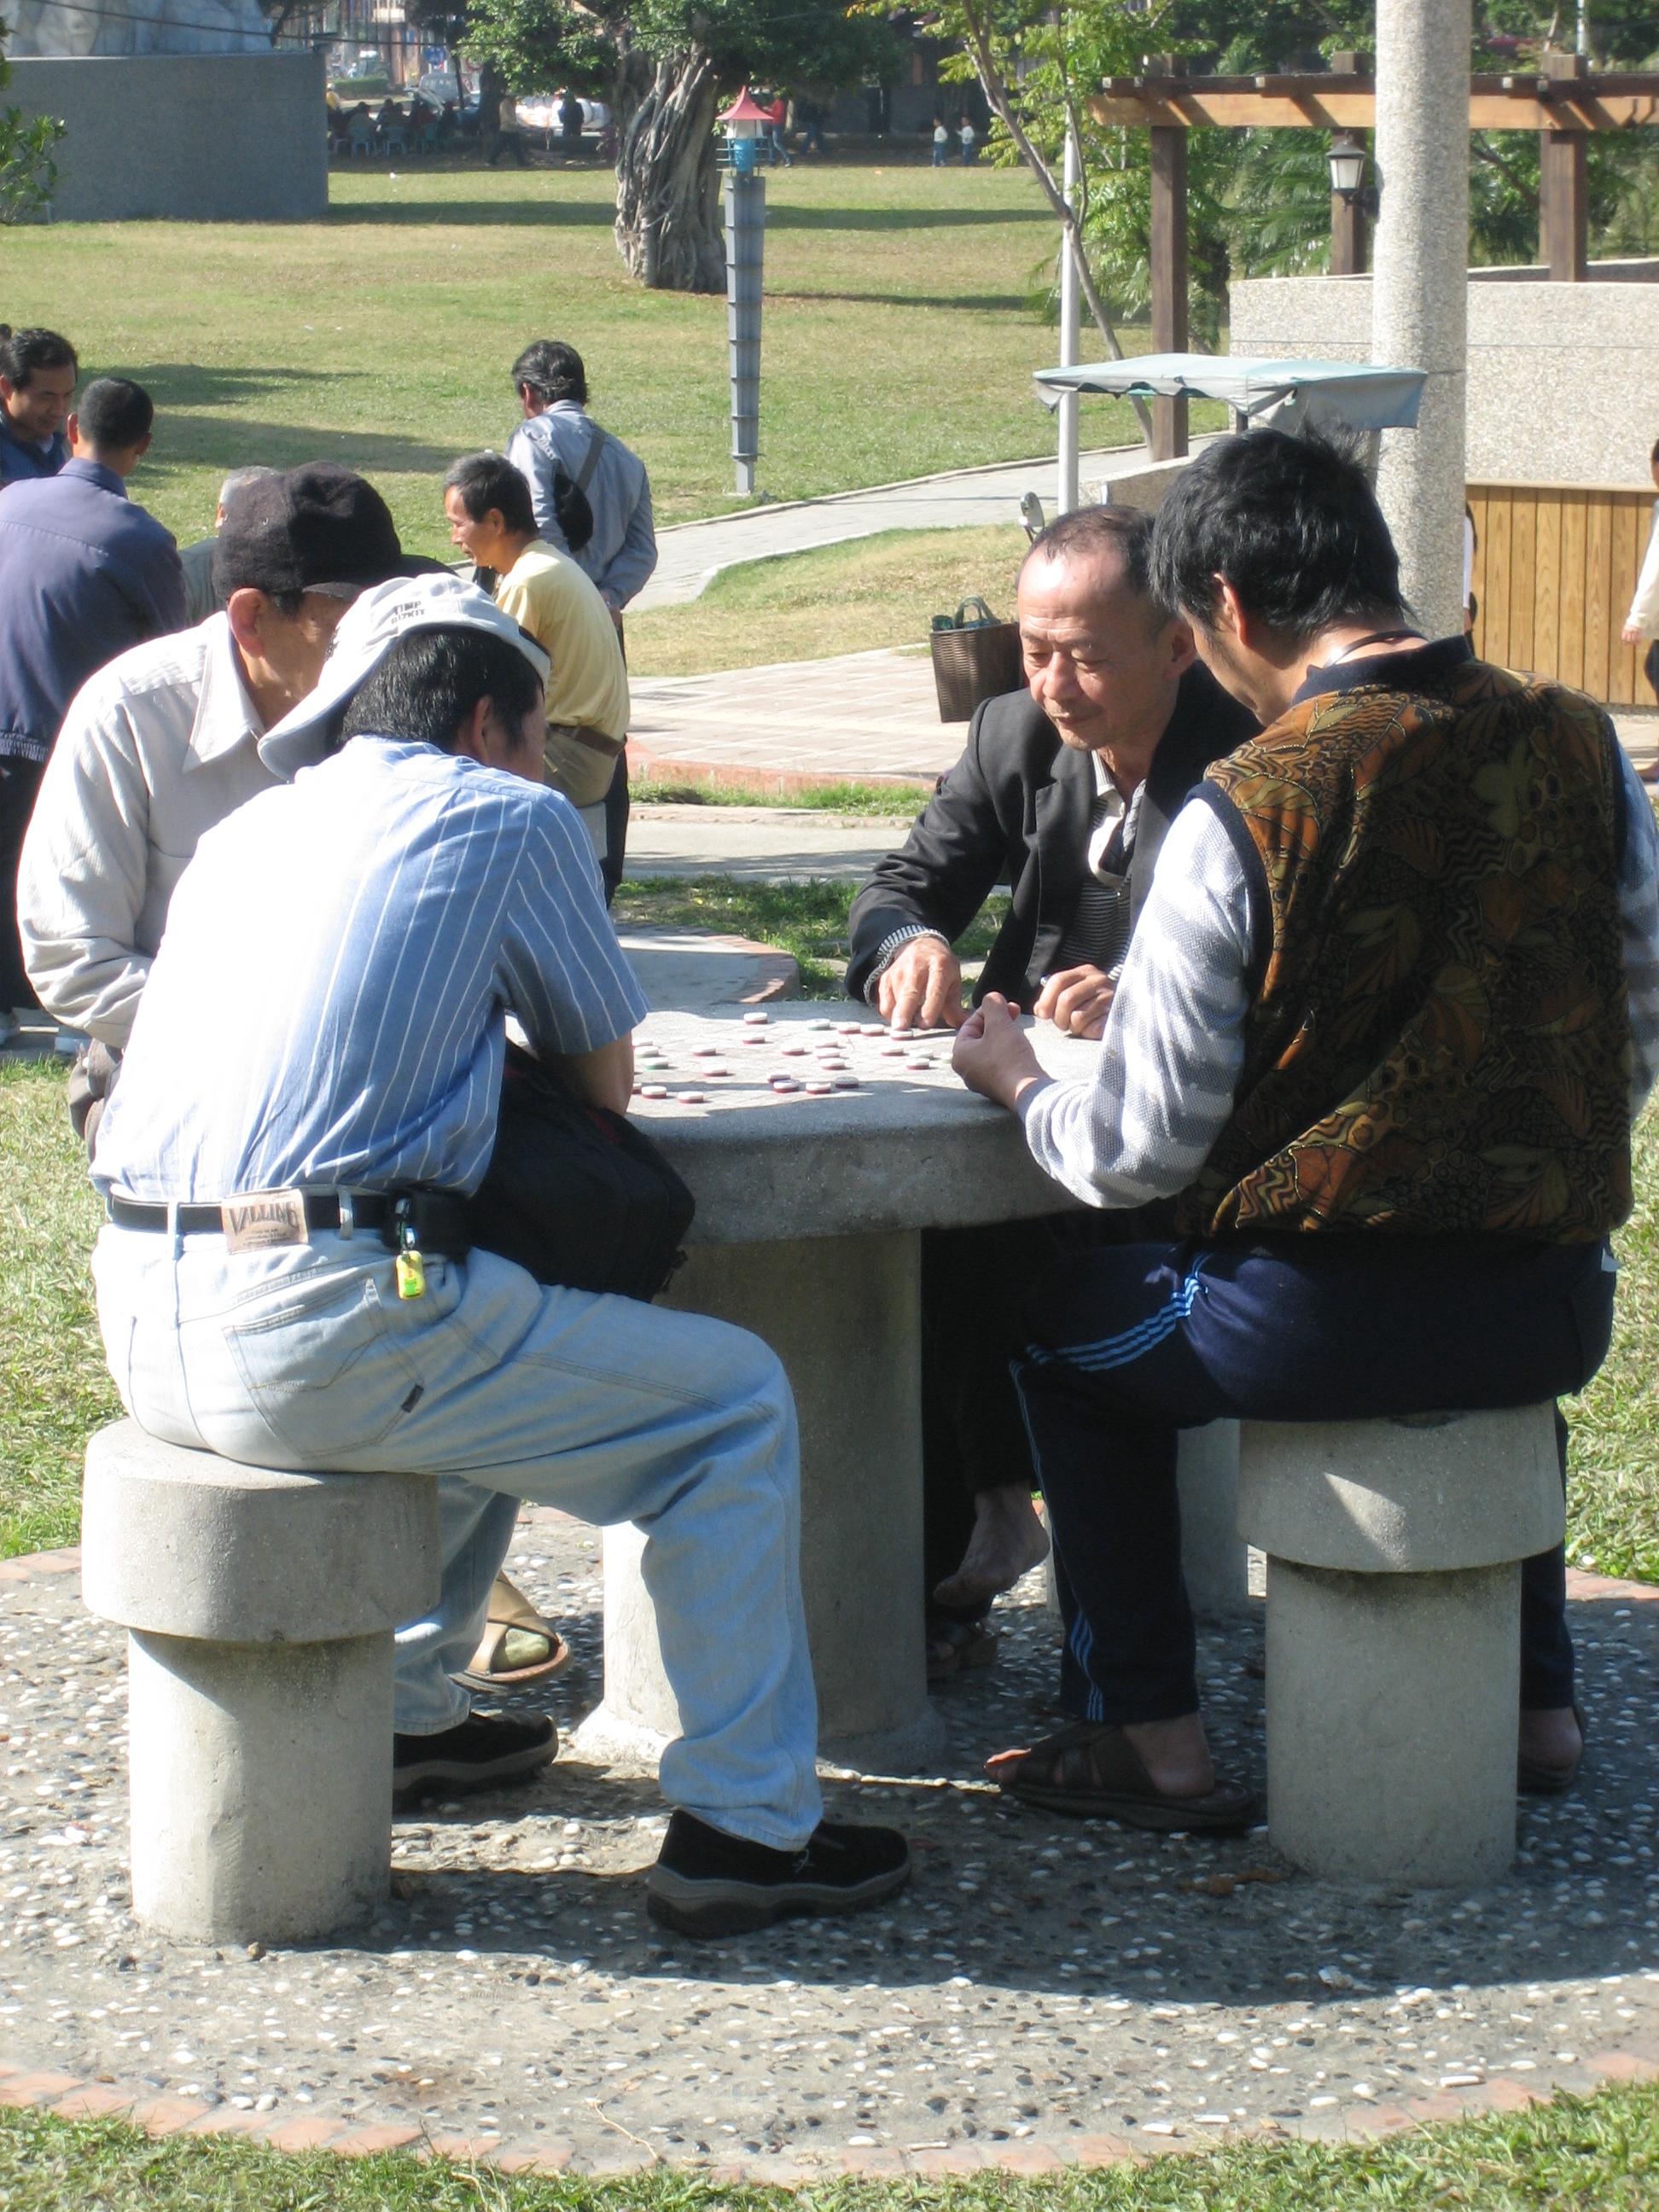 Mahjong players in Taichung garden